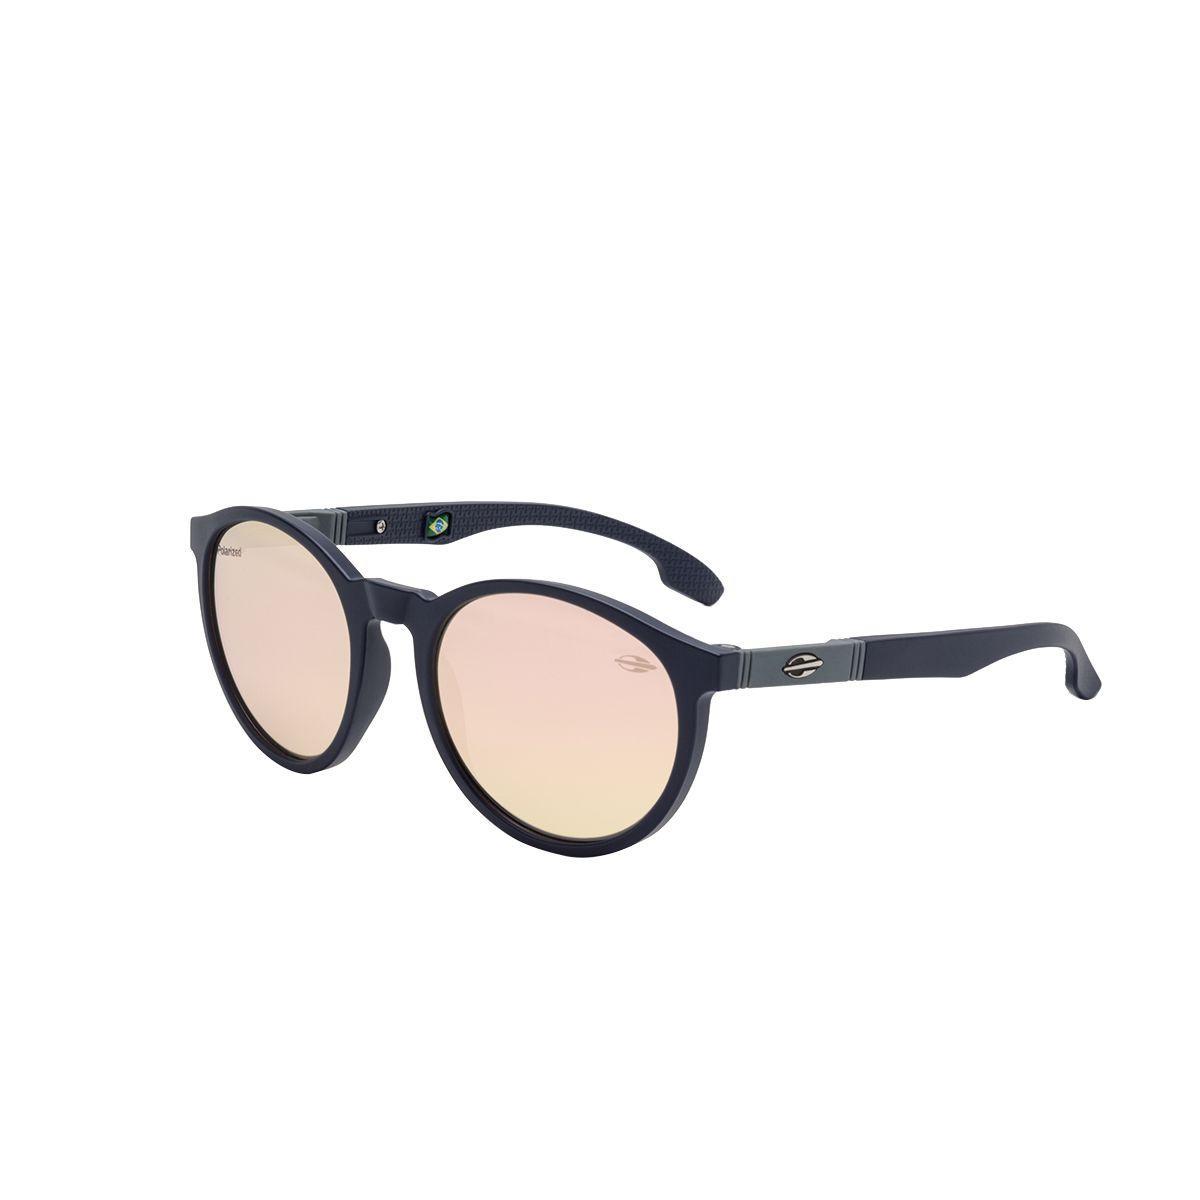 5e1c0e1221592 Óculos De Sol Infantil Mormaii Maui Nxt M0072I3646 Azul Lente Marrom R   159,90 à vista. Adicionar à sacola